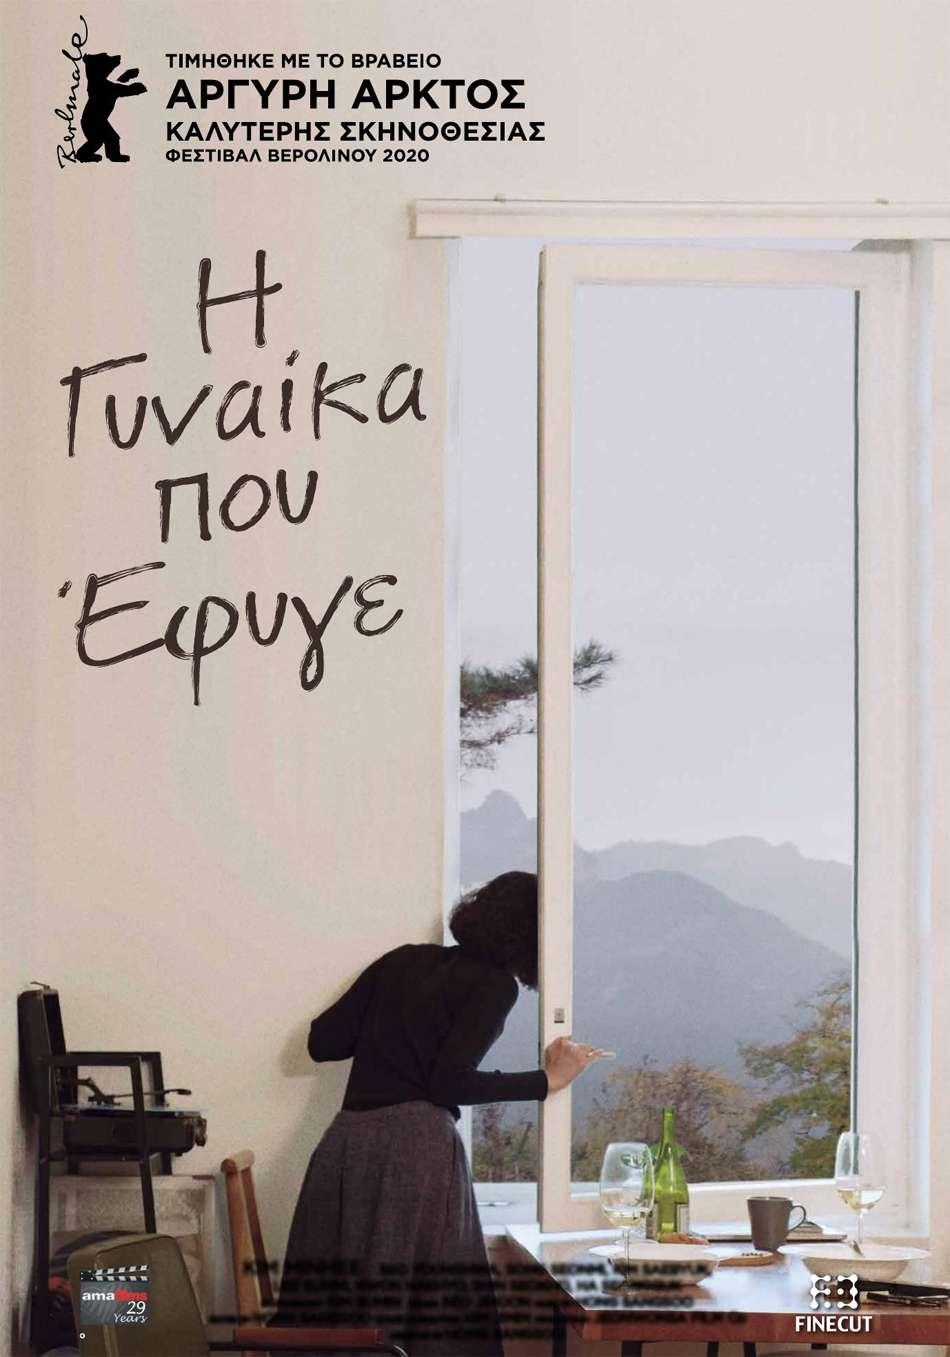 Η γυναίκα που έφυγε (Domangchin yeoja / The Woman Who Ran) Poster Πόστερ